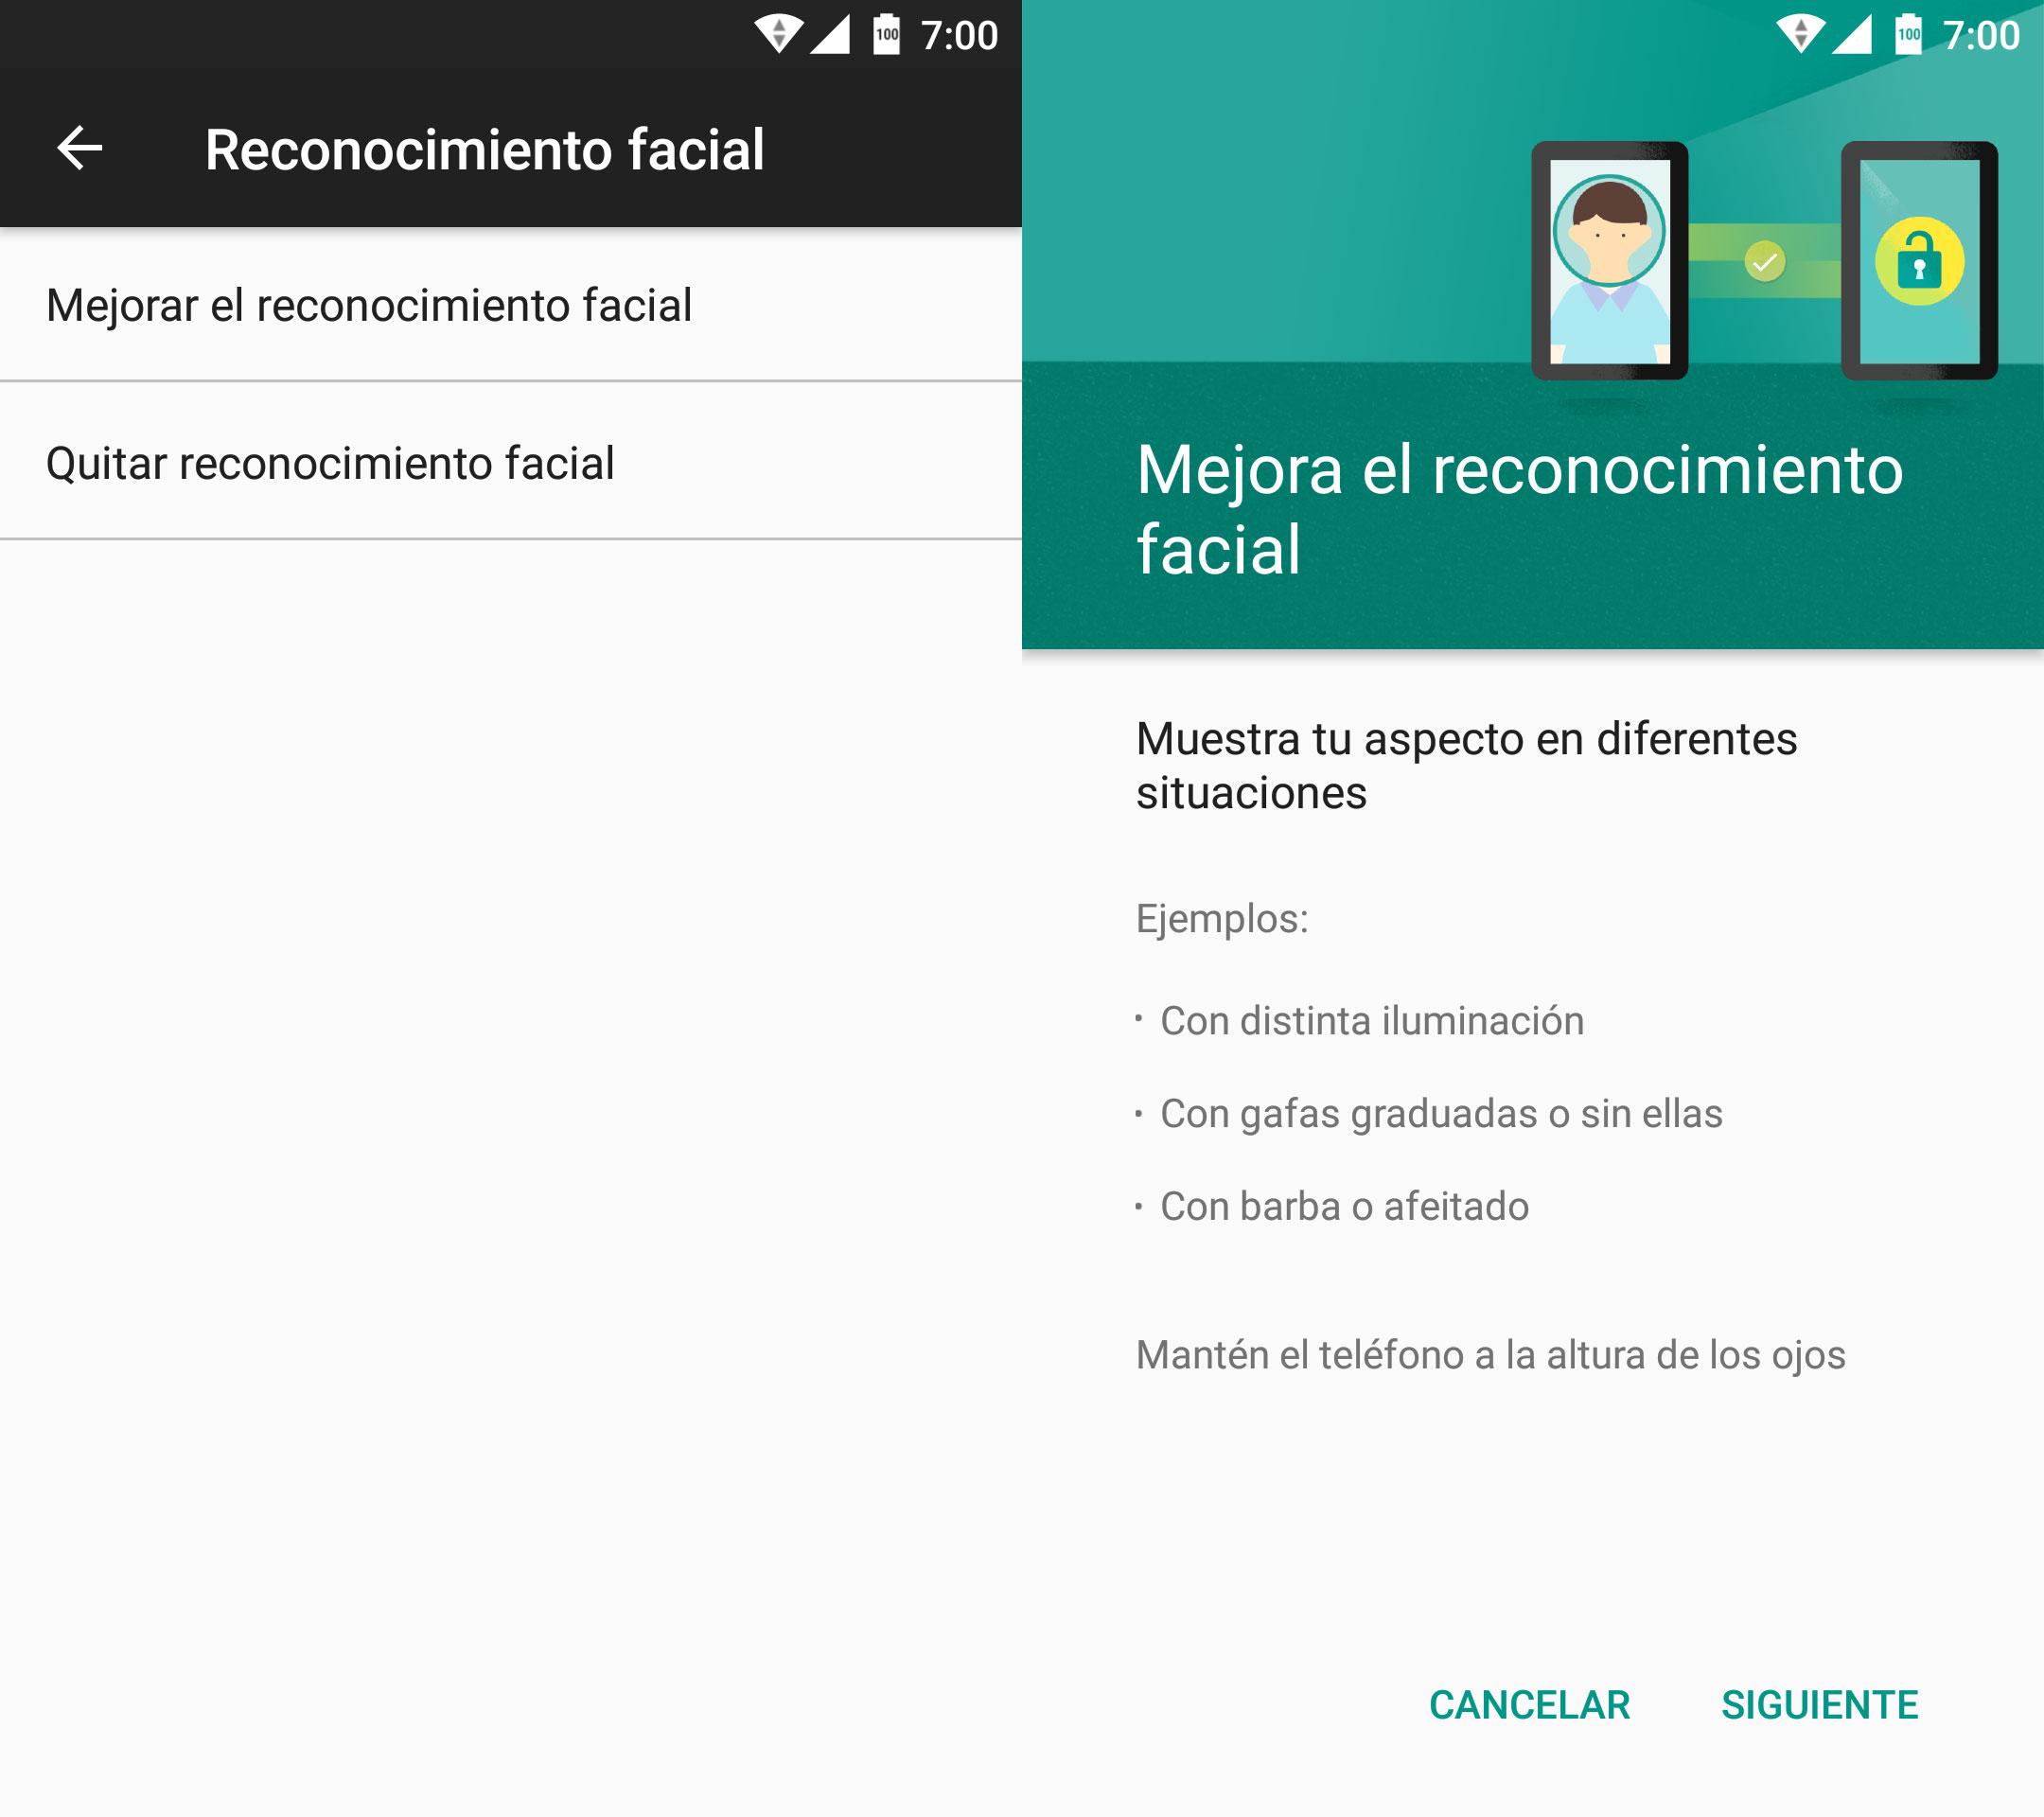 Mejora el reconocimiento facial de Android